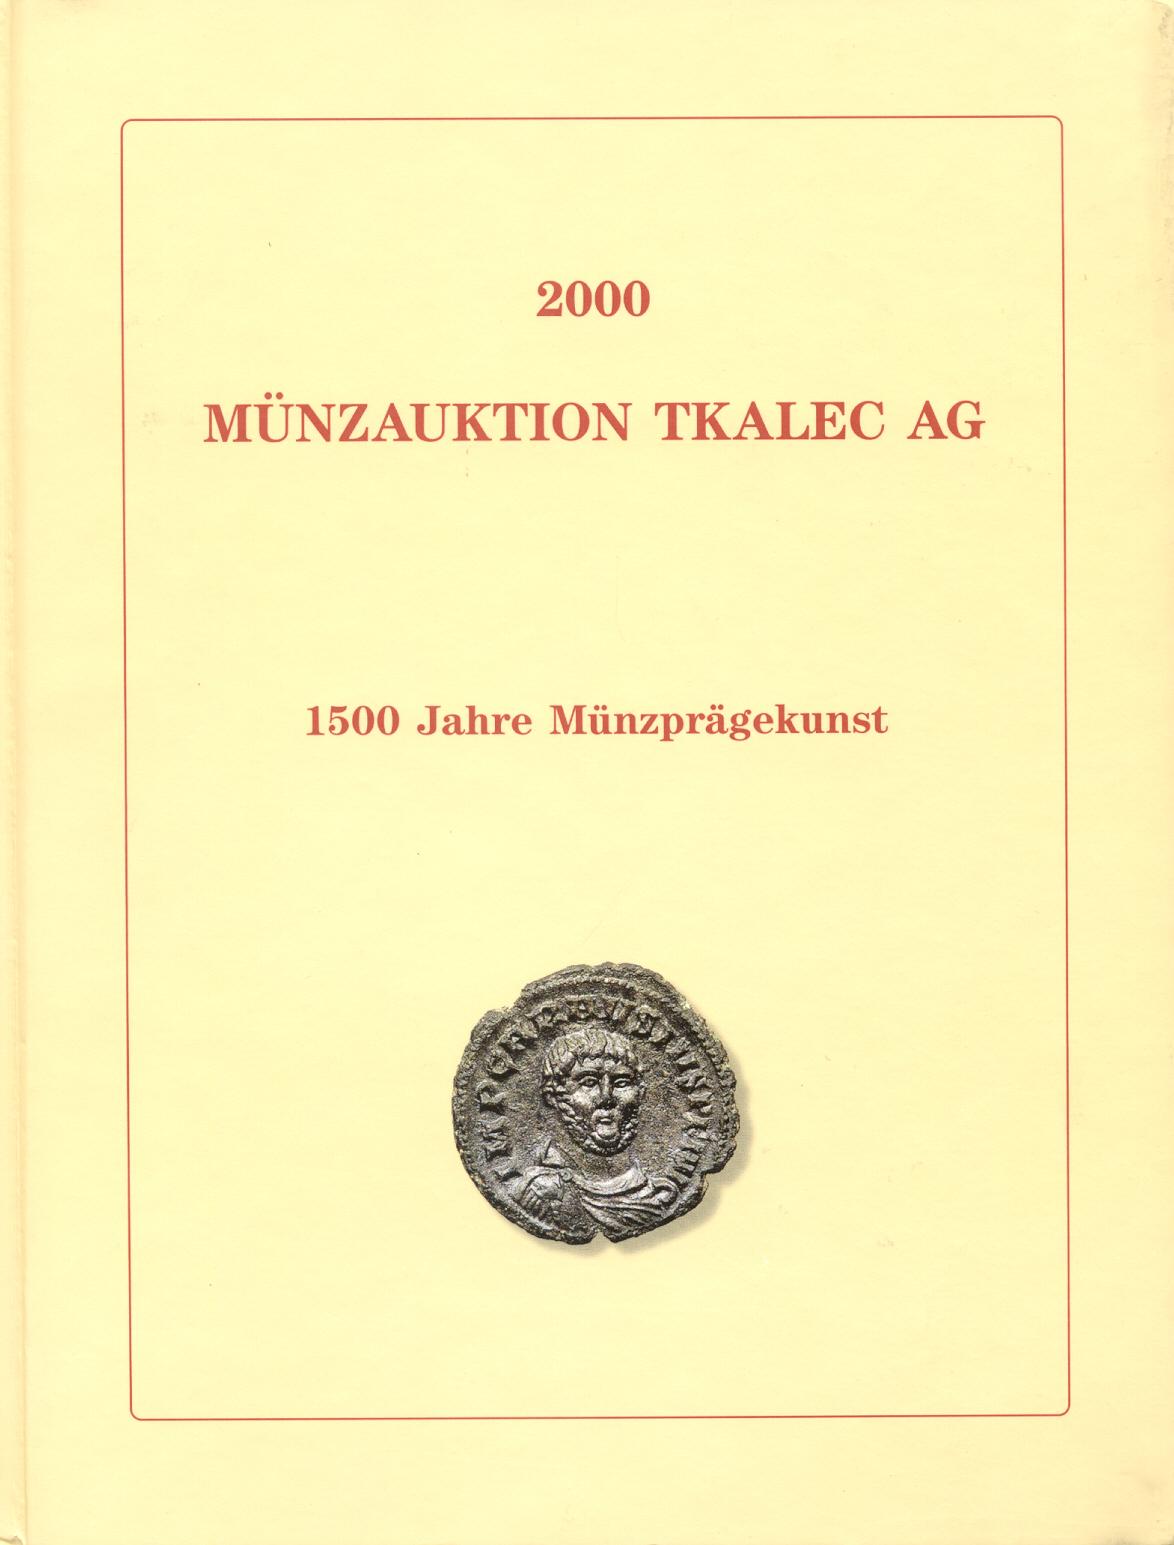 2000 AUCTION CATALOGUES - MÜNZAUKTION TKALEC - KATALOG 2000 MÜNZEN DER ANTIKE Druckfrisch